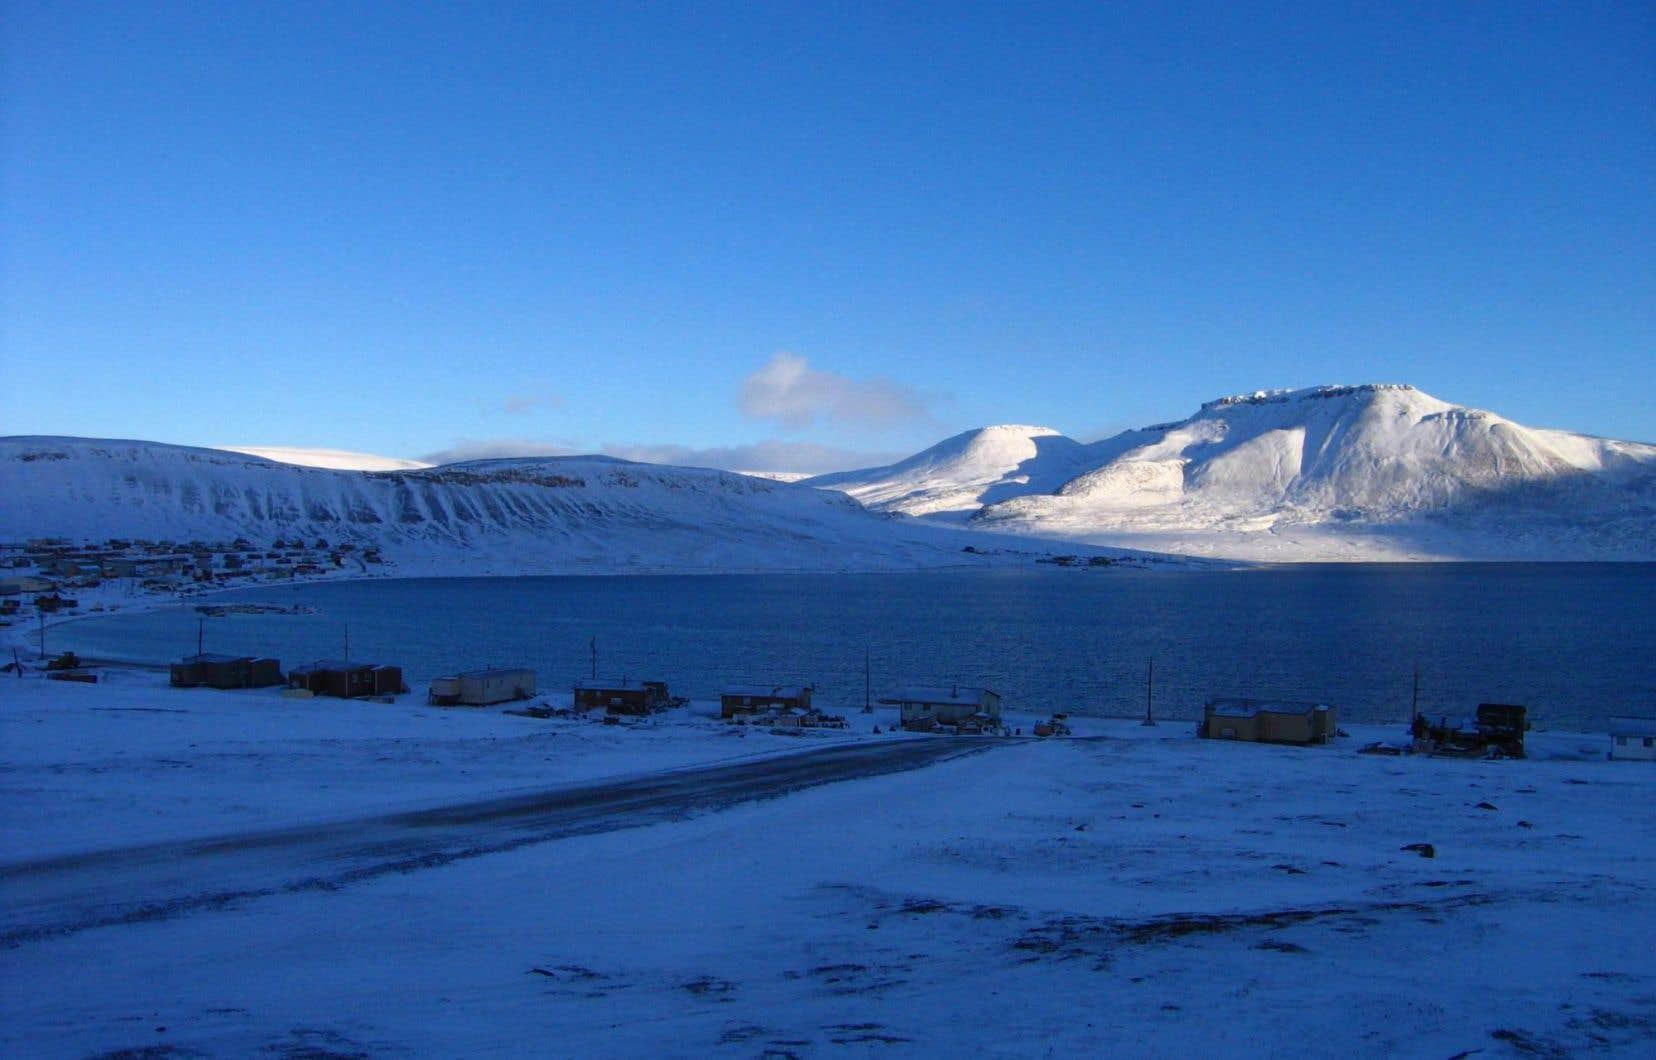 Certains experts considèrent que la géographie donne au Danemark l'avantage sur la revendication du pôle Nord et que les revendications canadiennes seront écartées en négociations